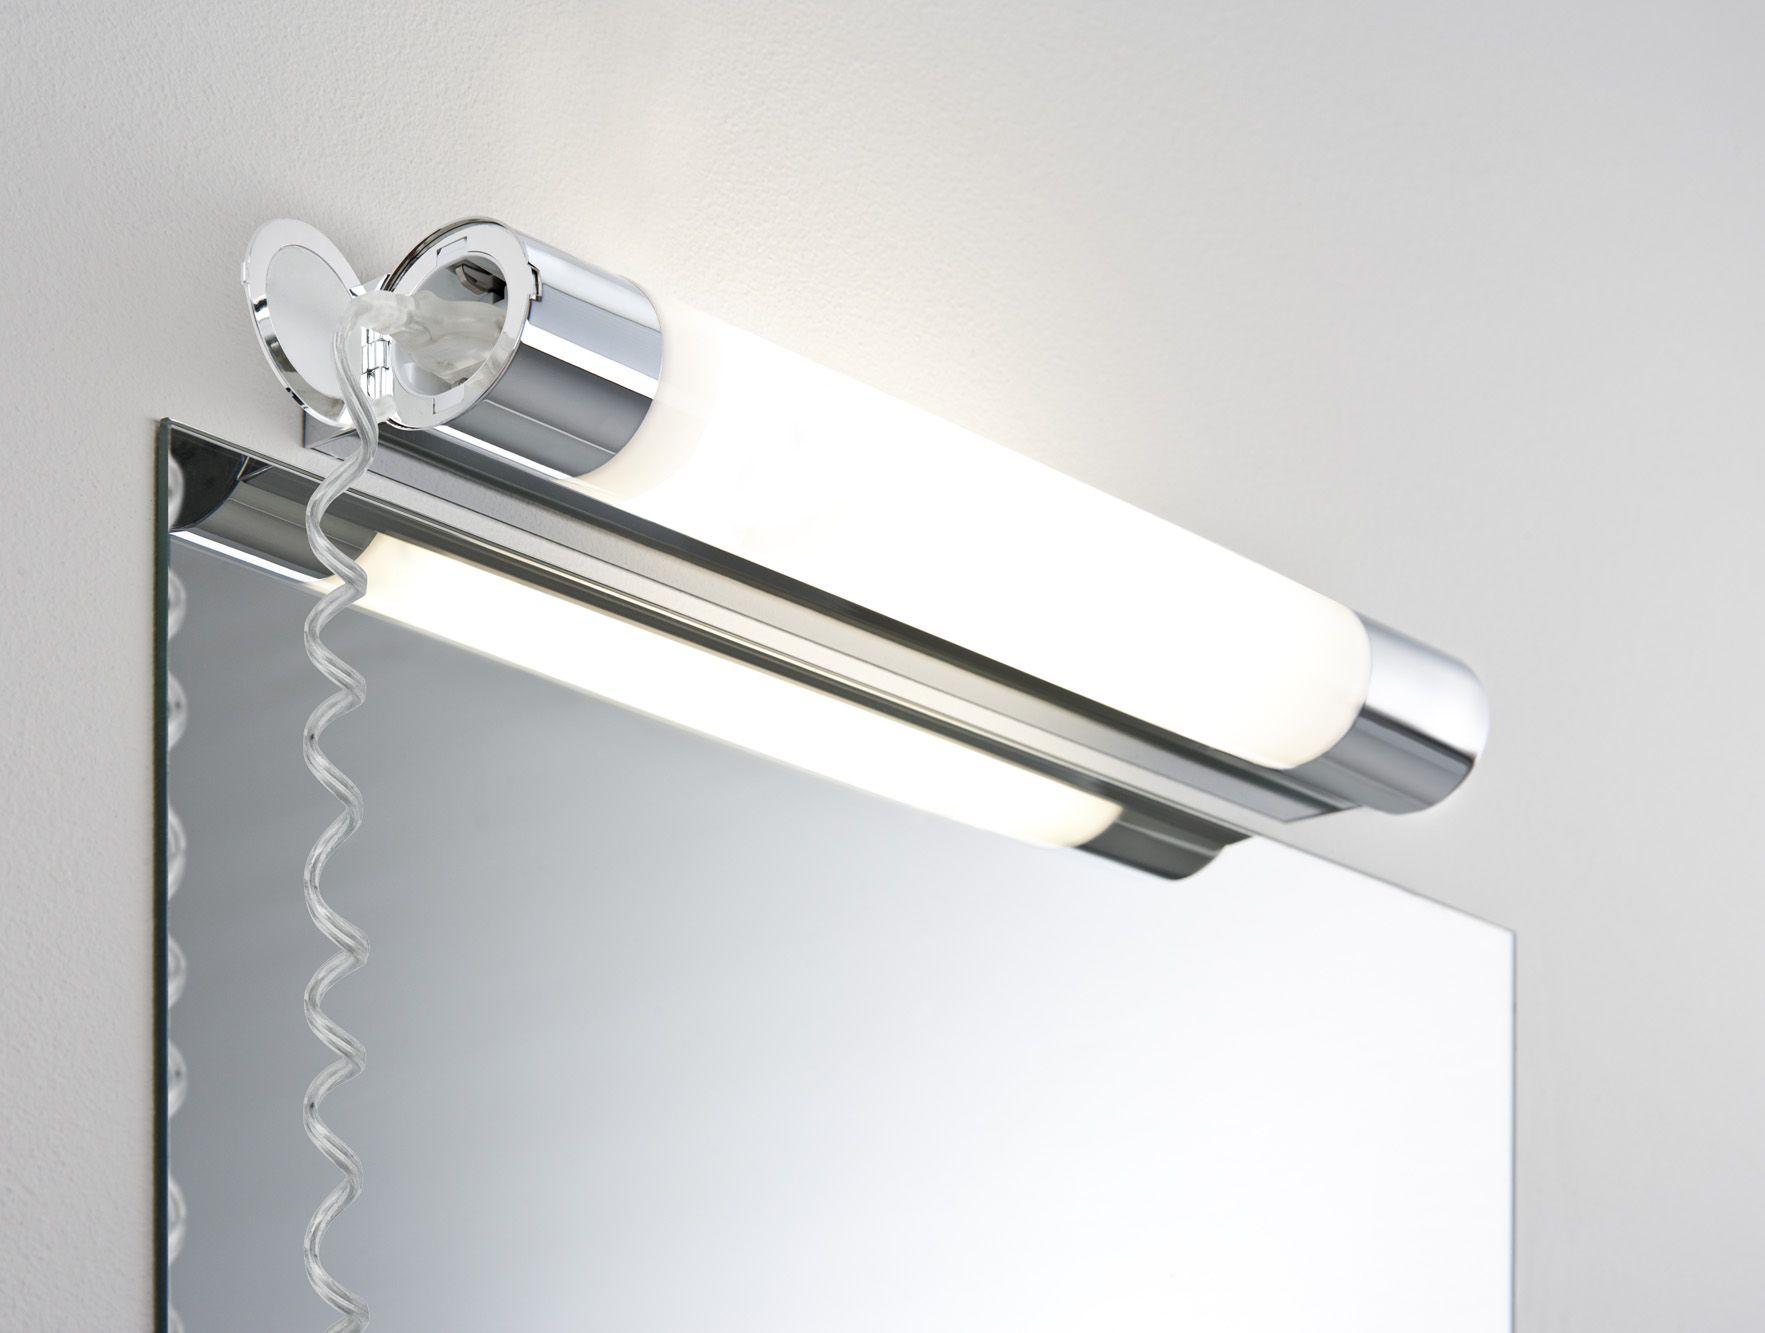 badkamer spiegellamp met stopcontact project foto 39 s